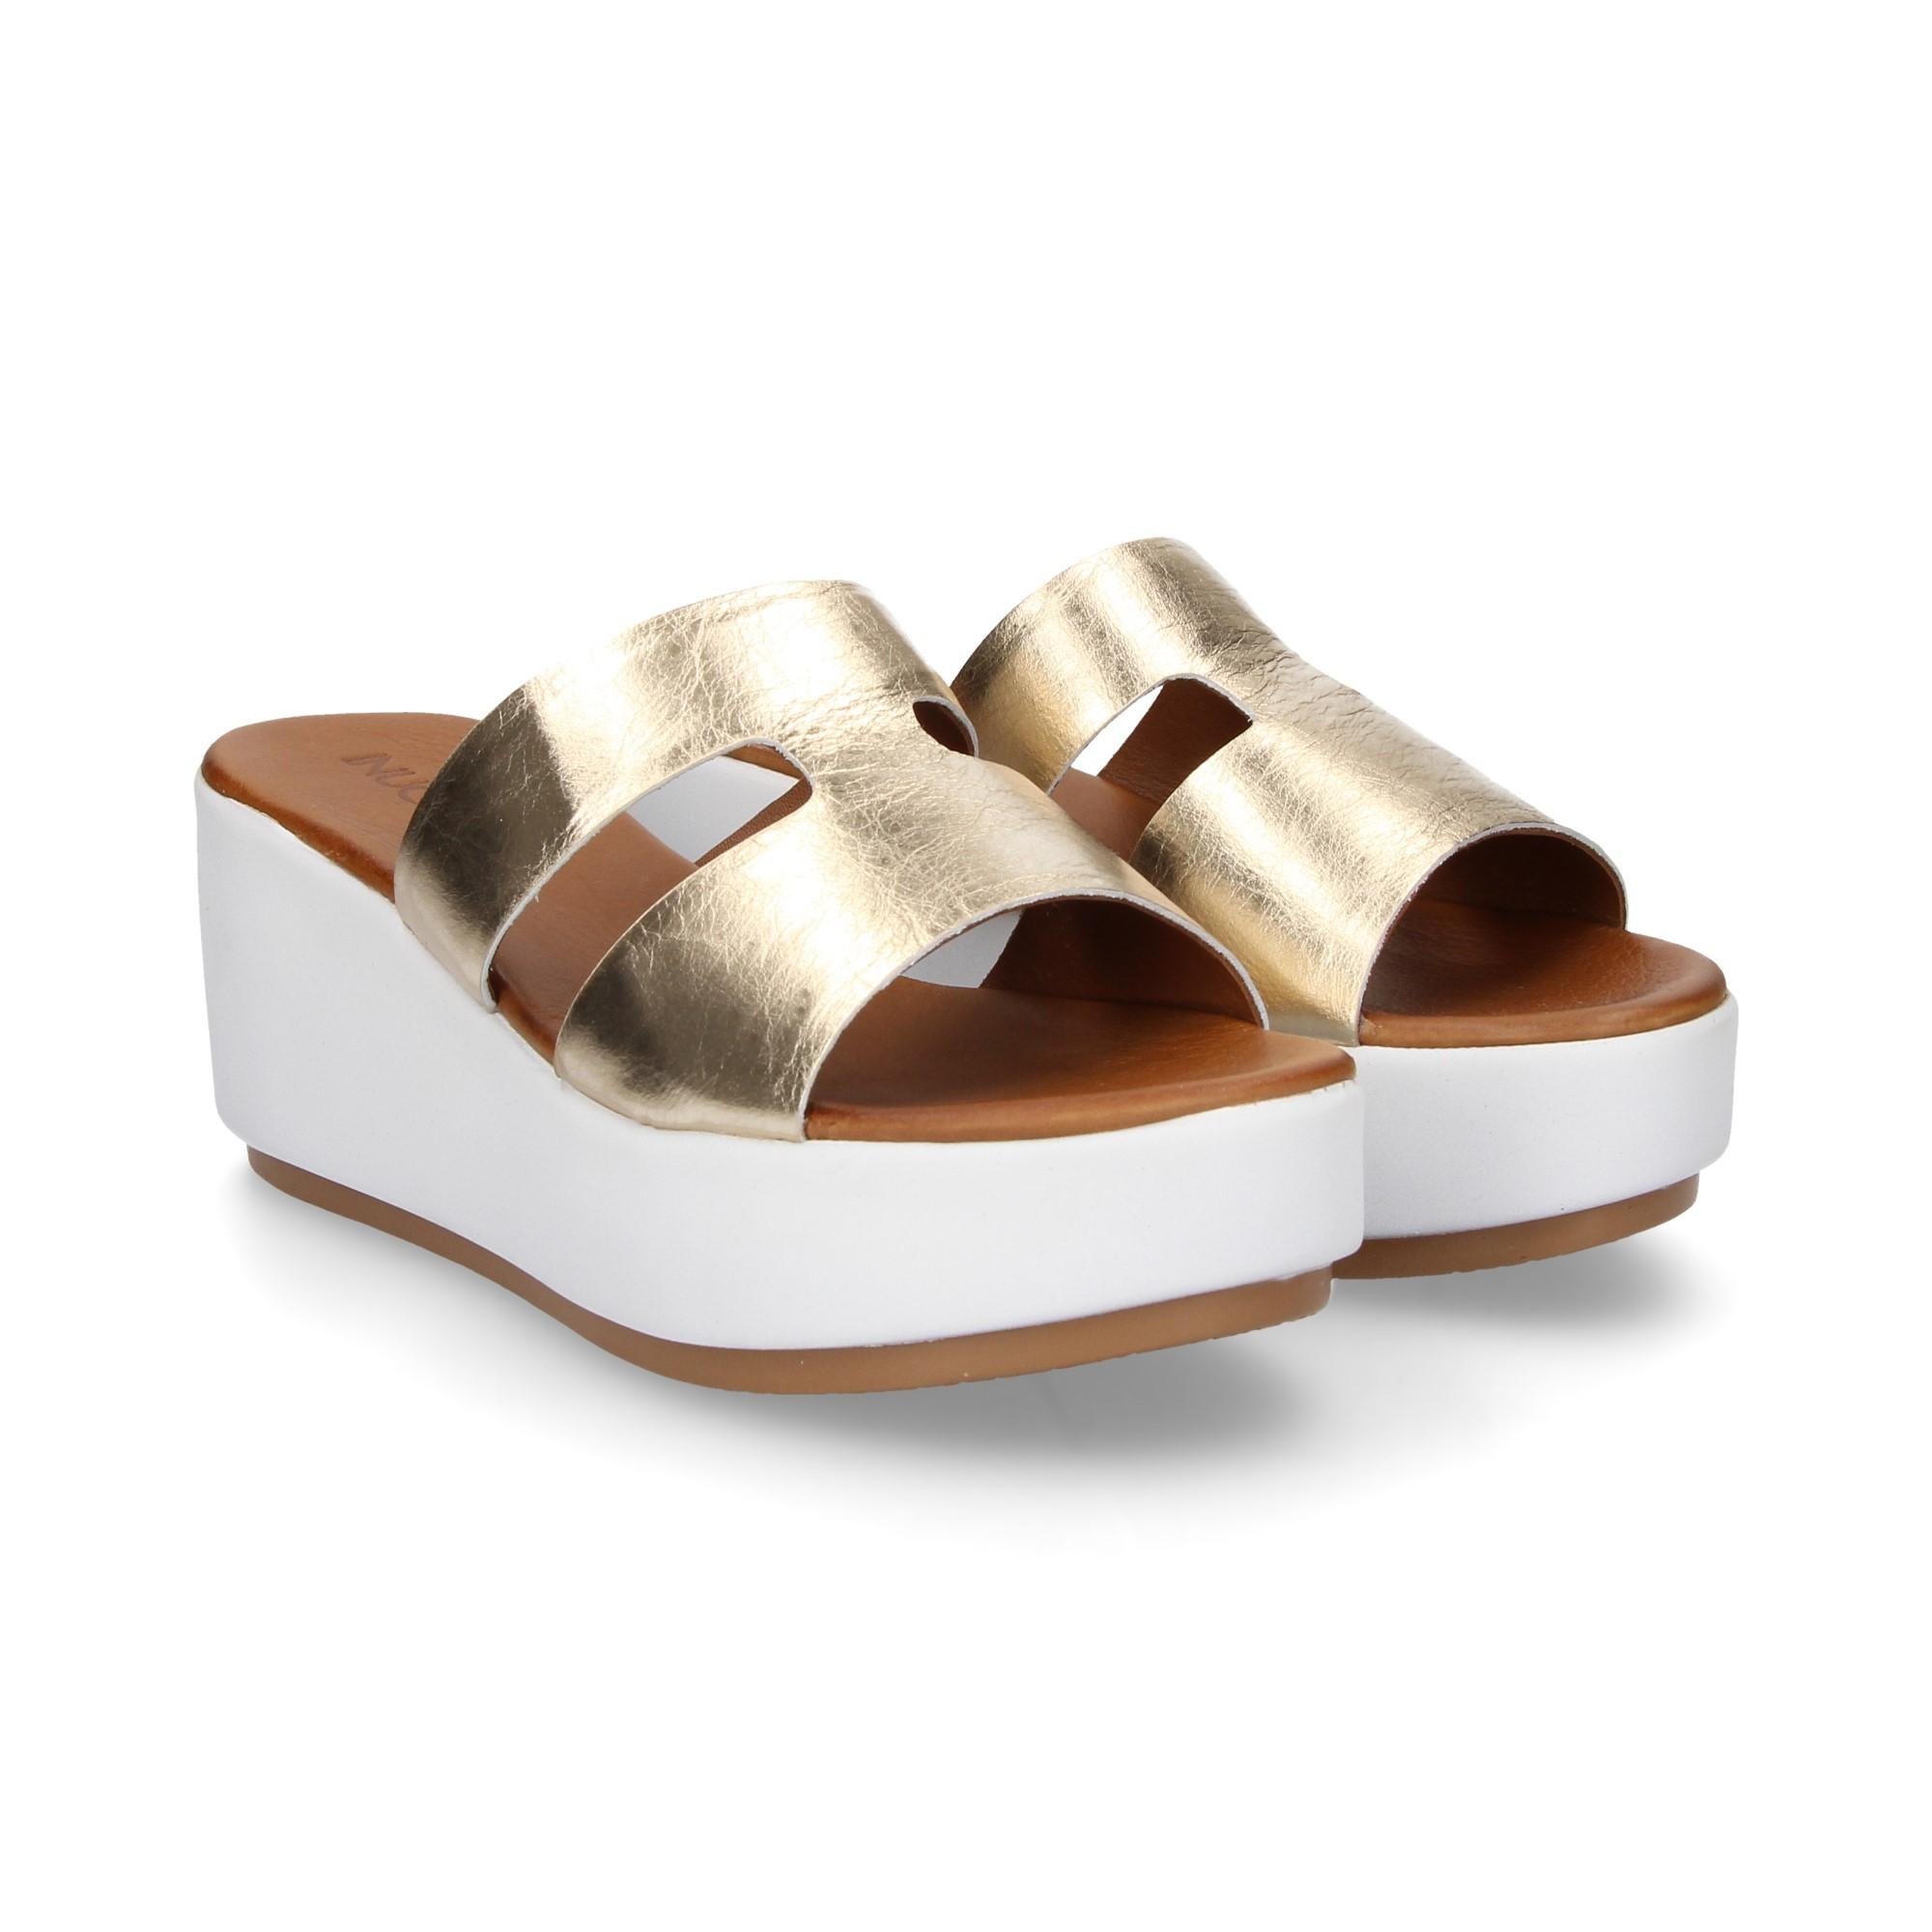 White Inuovo 8758 Da Mare 8n0xpkwo E Sandali Scarpe Sandals Nm80nOvw